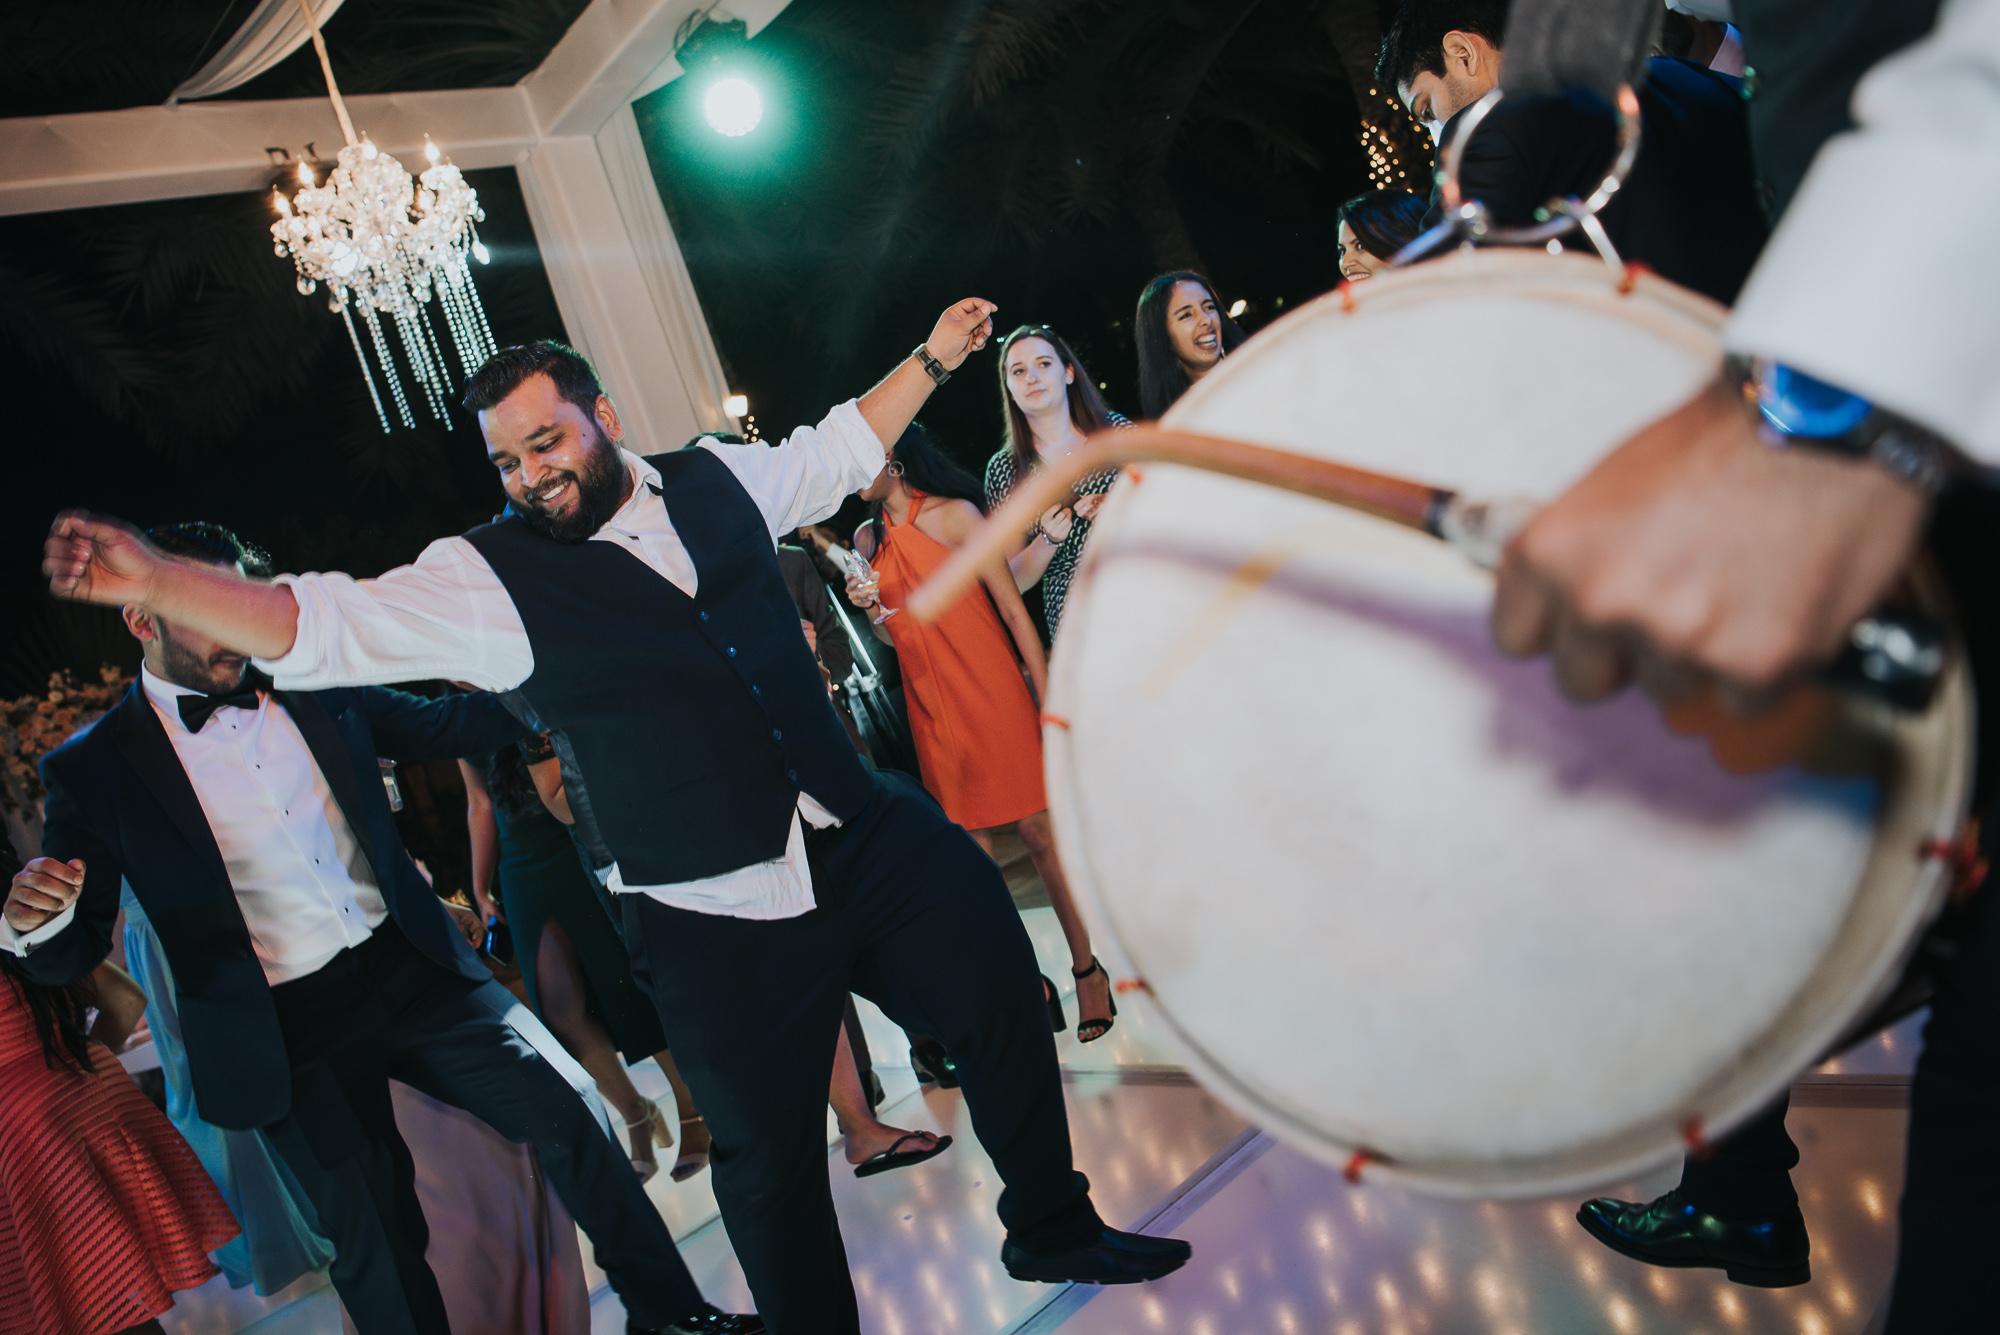 madinat jumeirah dubai wedding photographer  destination wedding photography (45 of 52).jpg